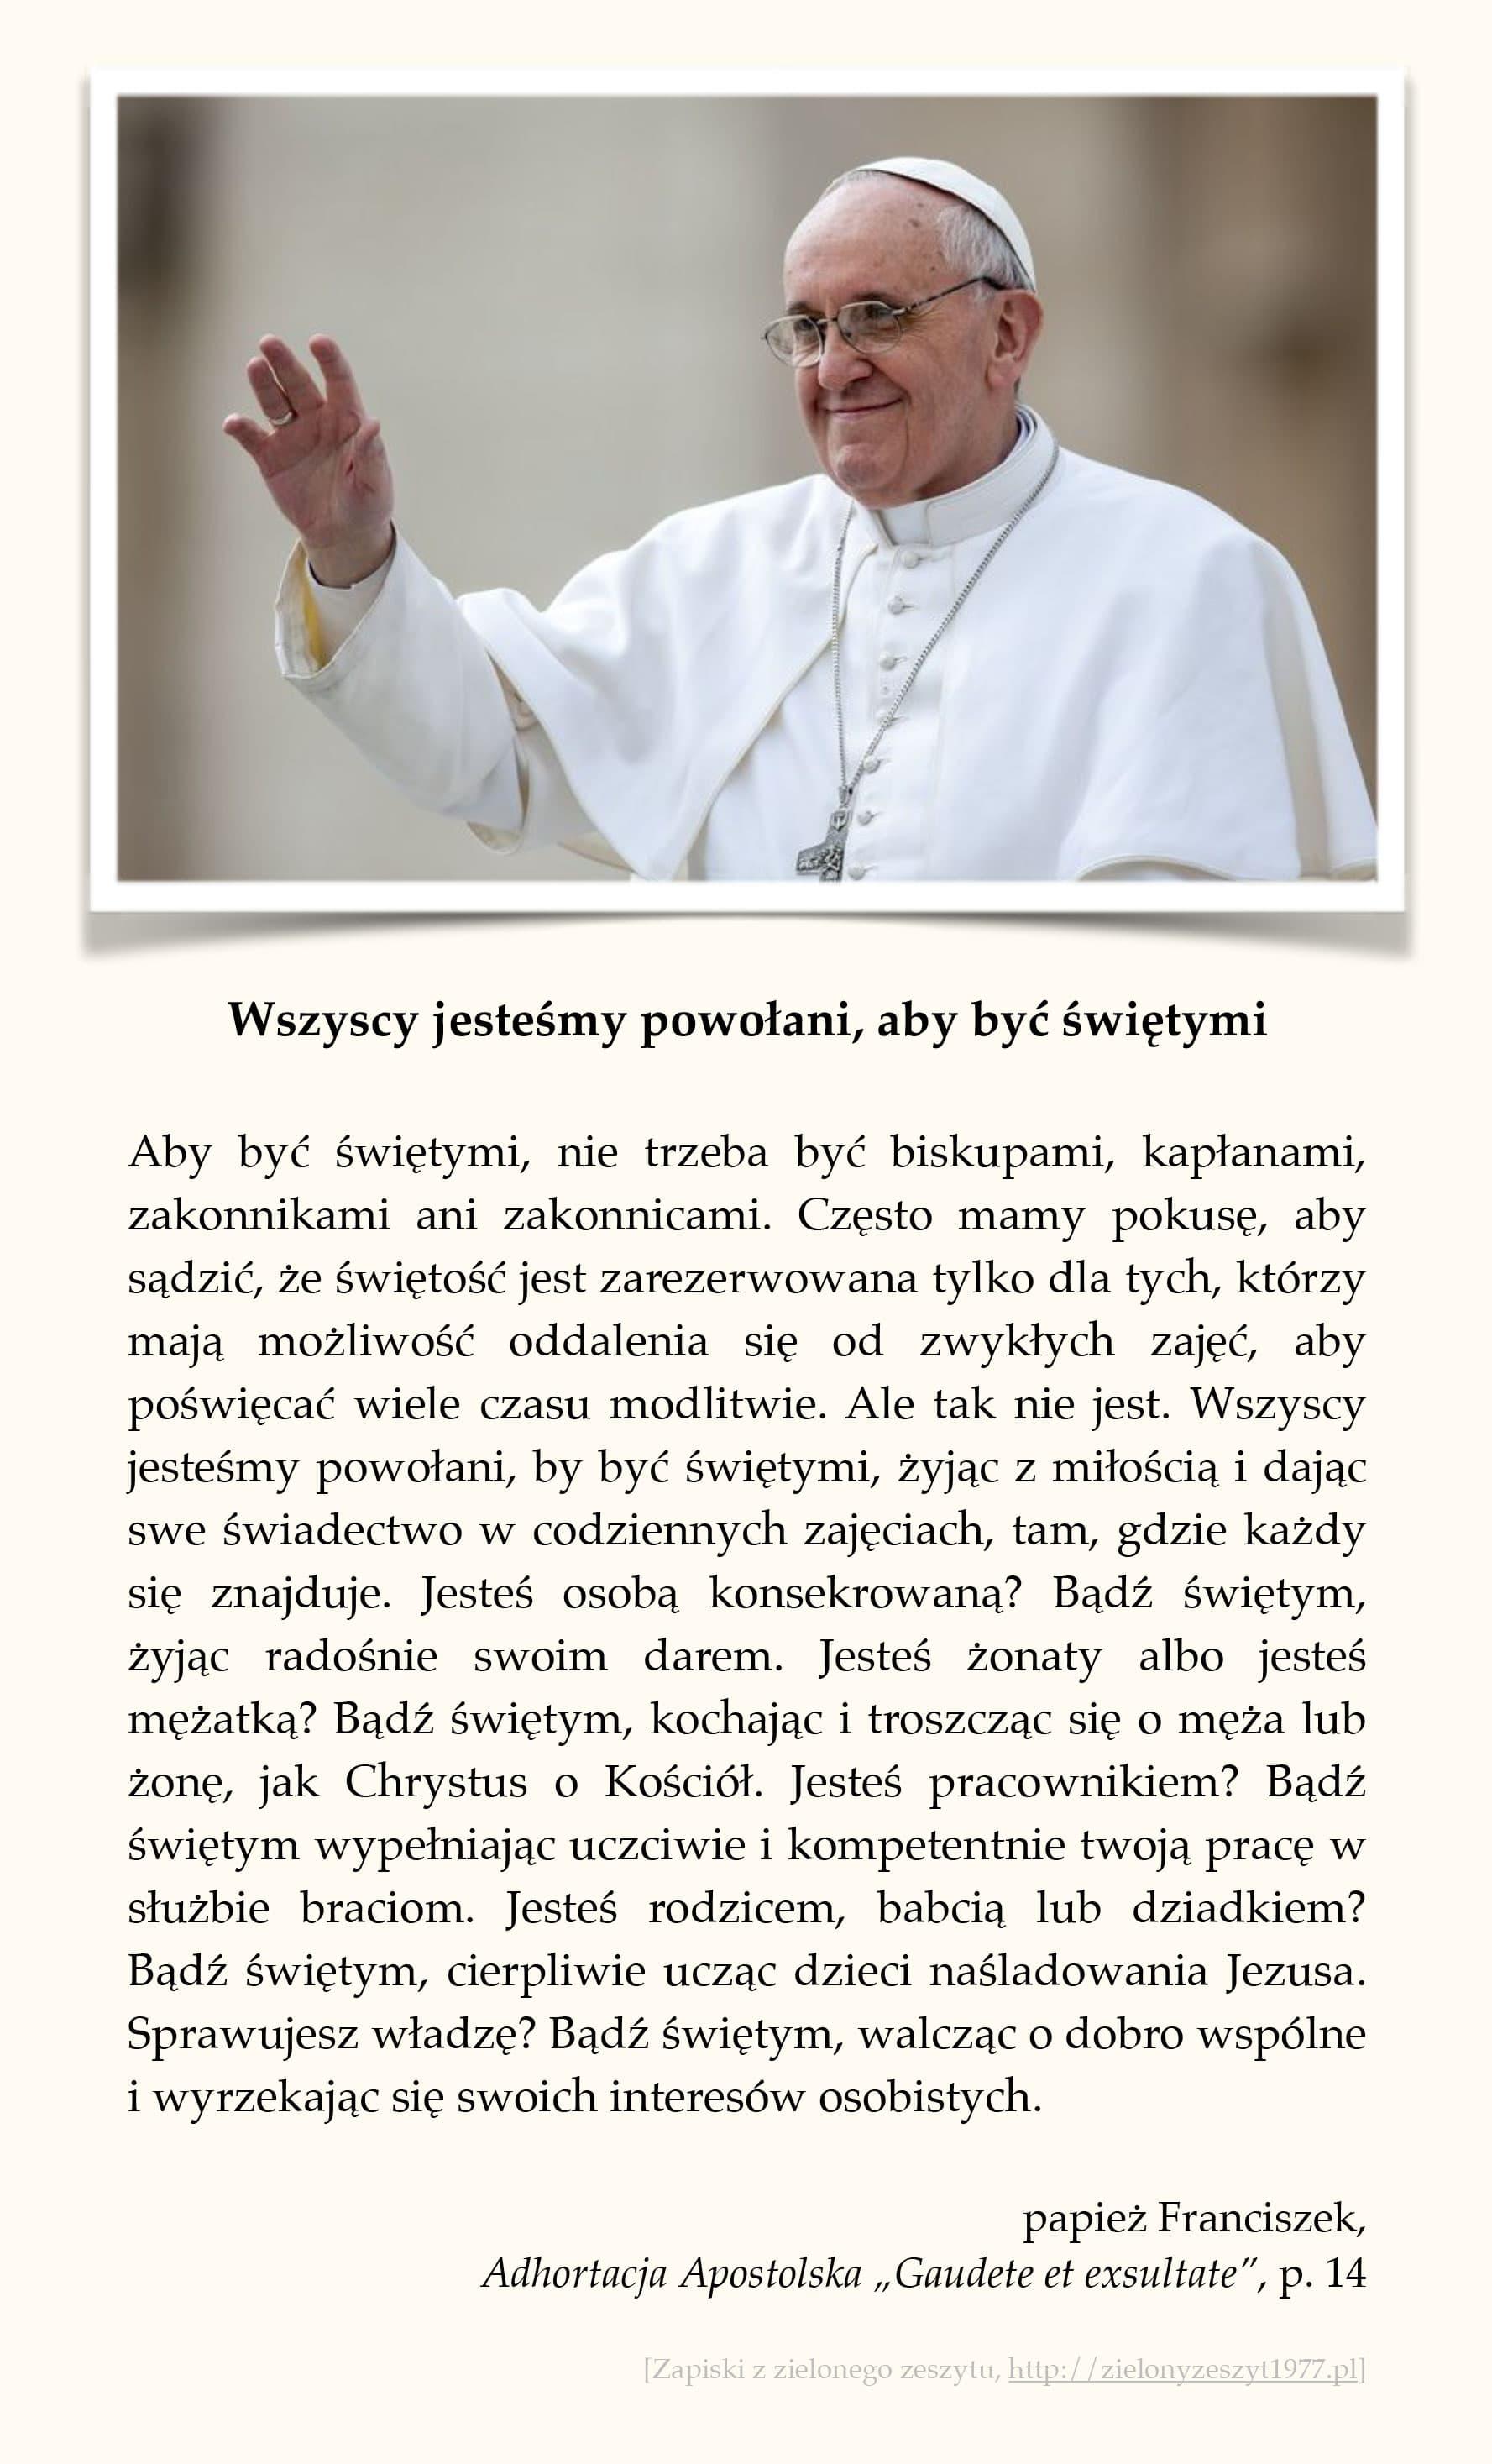 """papież Franciszek, Adhortacja Apostolska """"Gaudete et exsultate"""", p. 14 (Wszyscy jesteśmy powołani, aby być świętymi)"""